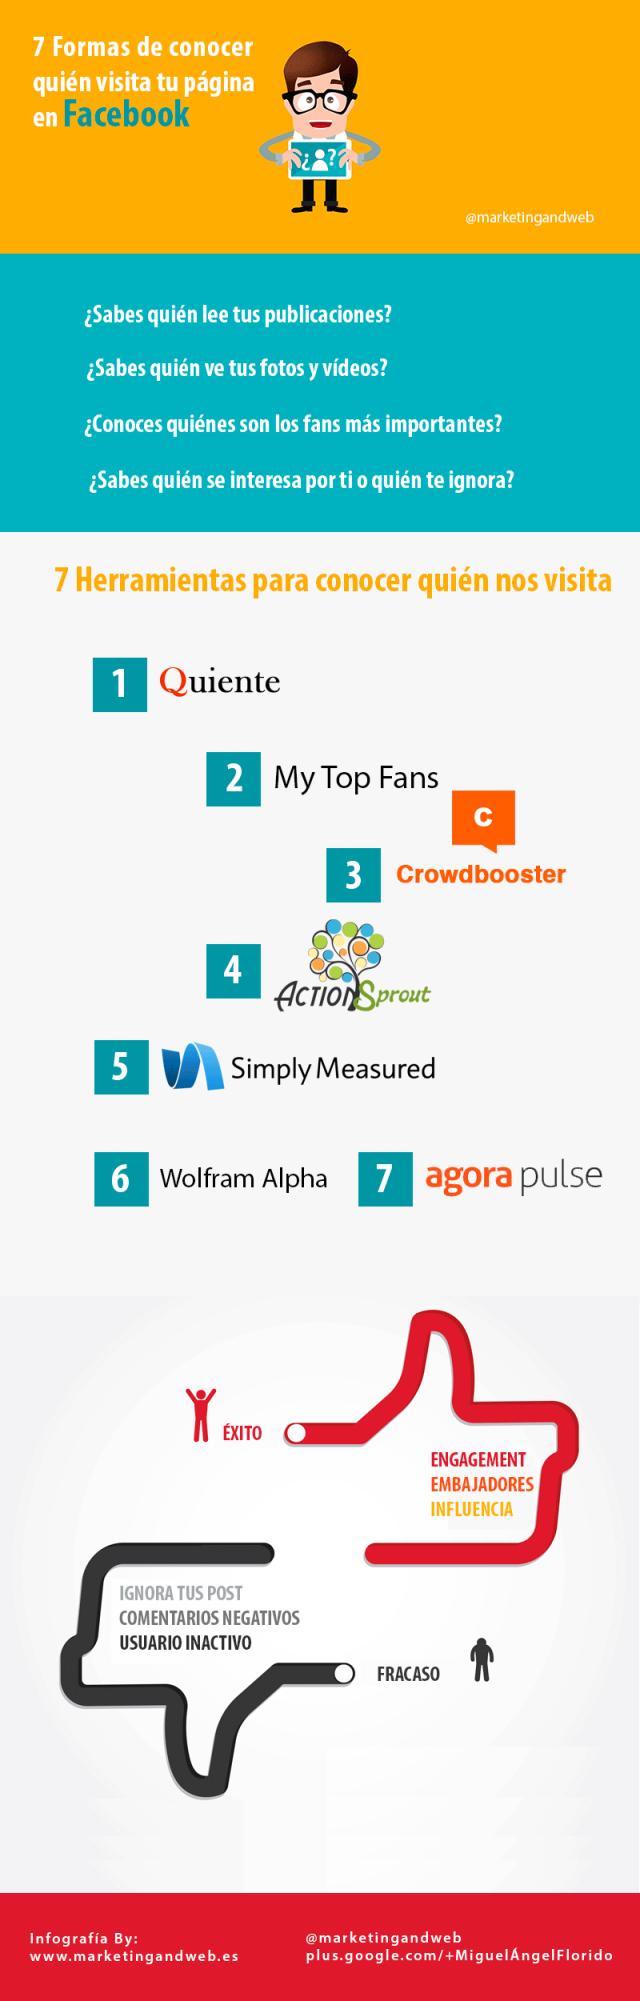 7-formas-de-conocer-quien-nos-visita-en-facebook-infografia